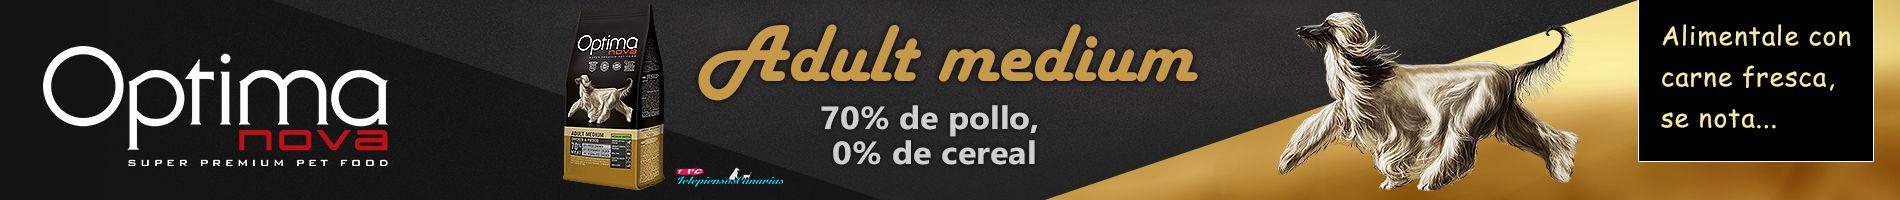 Optima Nova adult medium chicken potato, con 70% de pollo y 15% papa